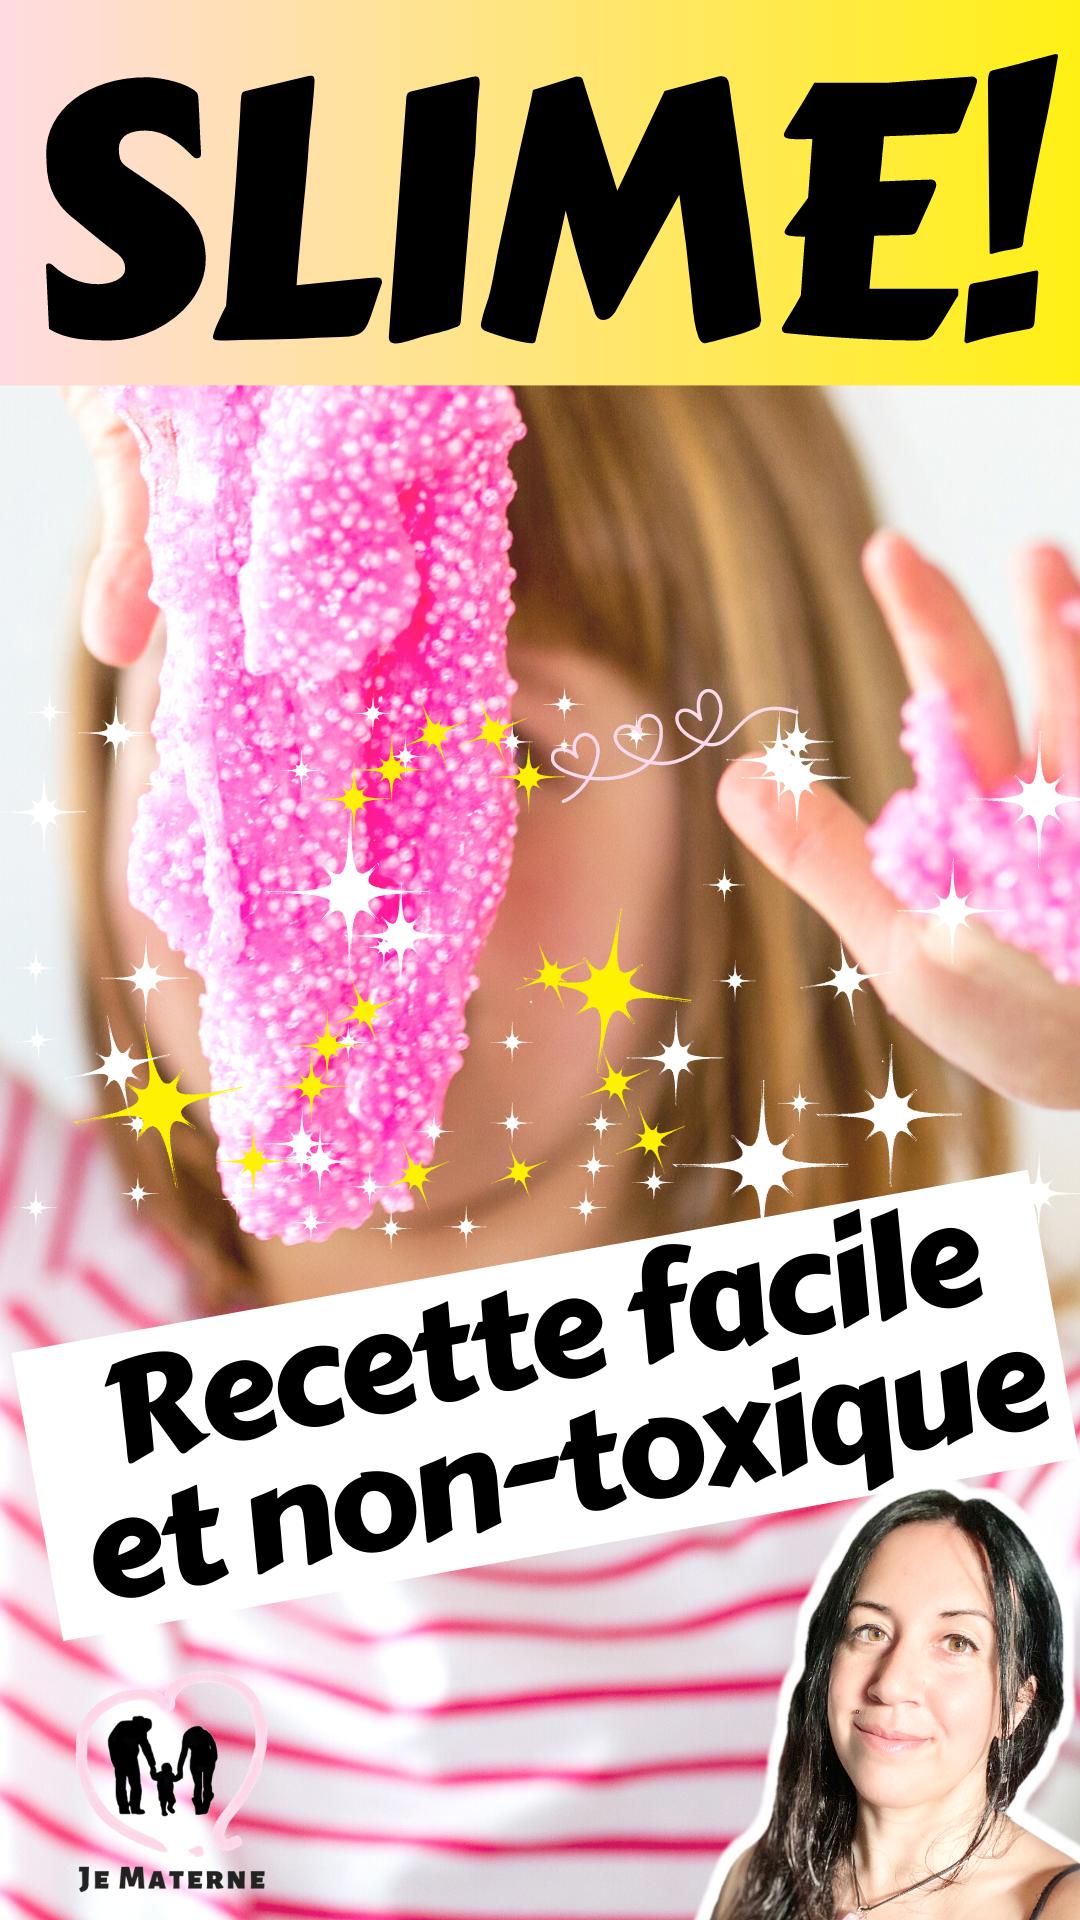 Recette de Slime (Glue) super facile (et non-toxique)! #recette #slime #glue #nontoxique #facile #activitésenfants #enfants #famille #toutpetit #science #ief #éducation #apprendre